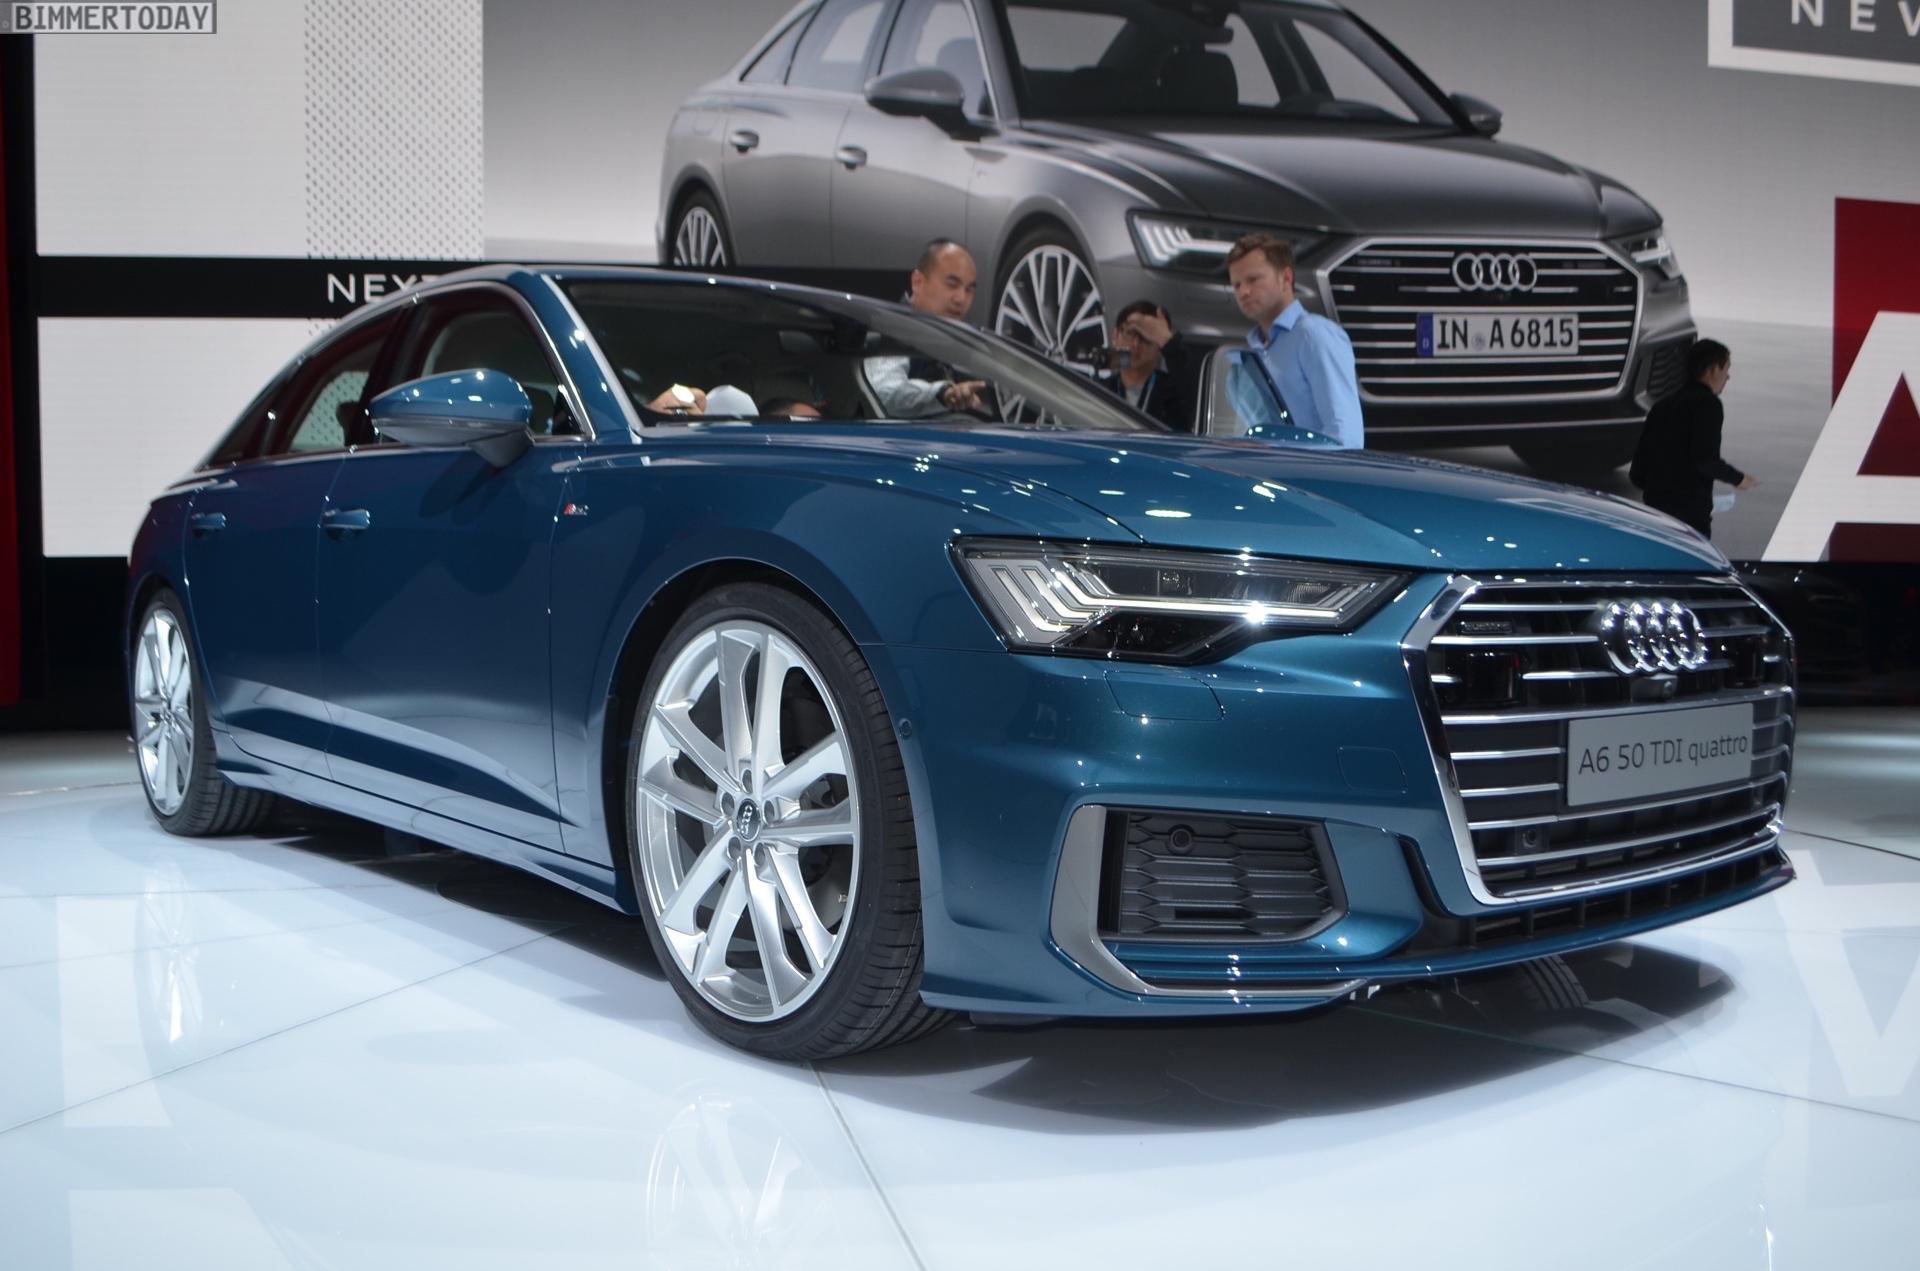 Genf 2018 Live Fotos Zeigen Neuen Audi A6 C8 Mit S Line